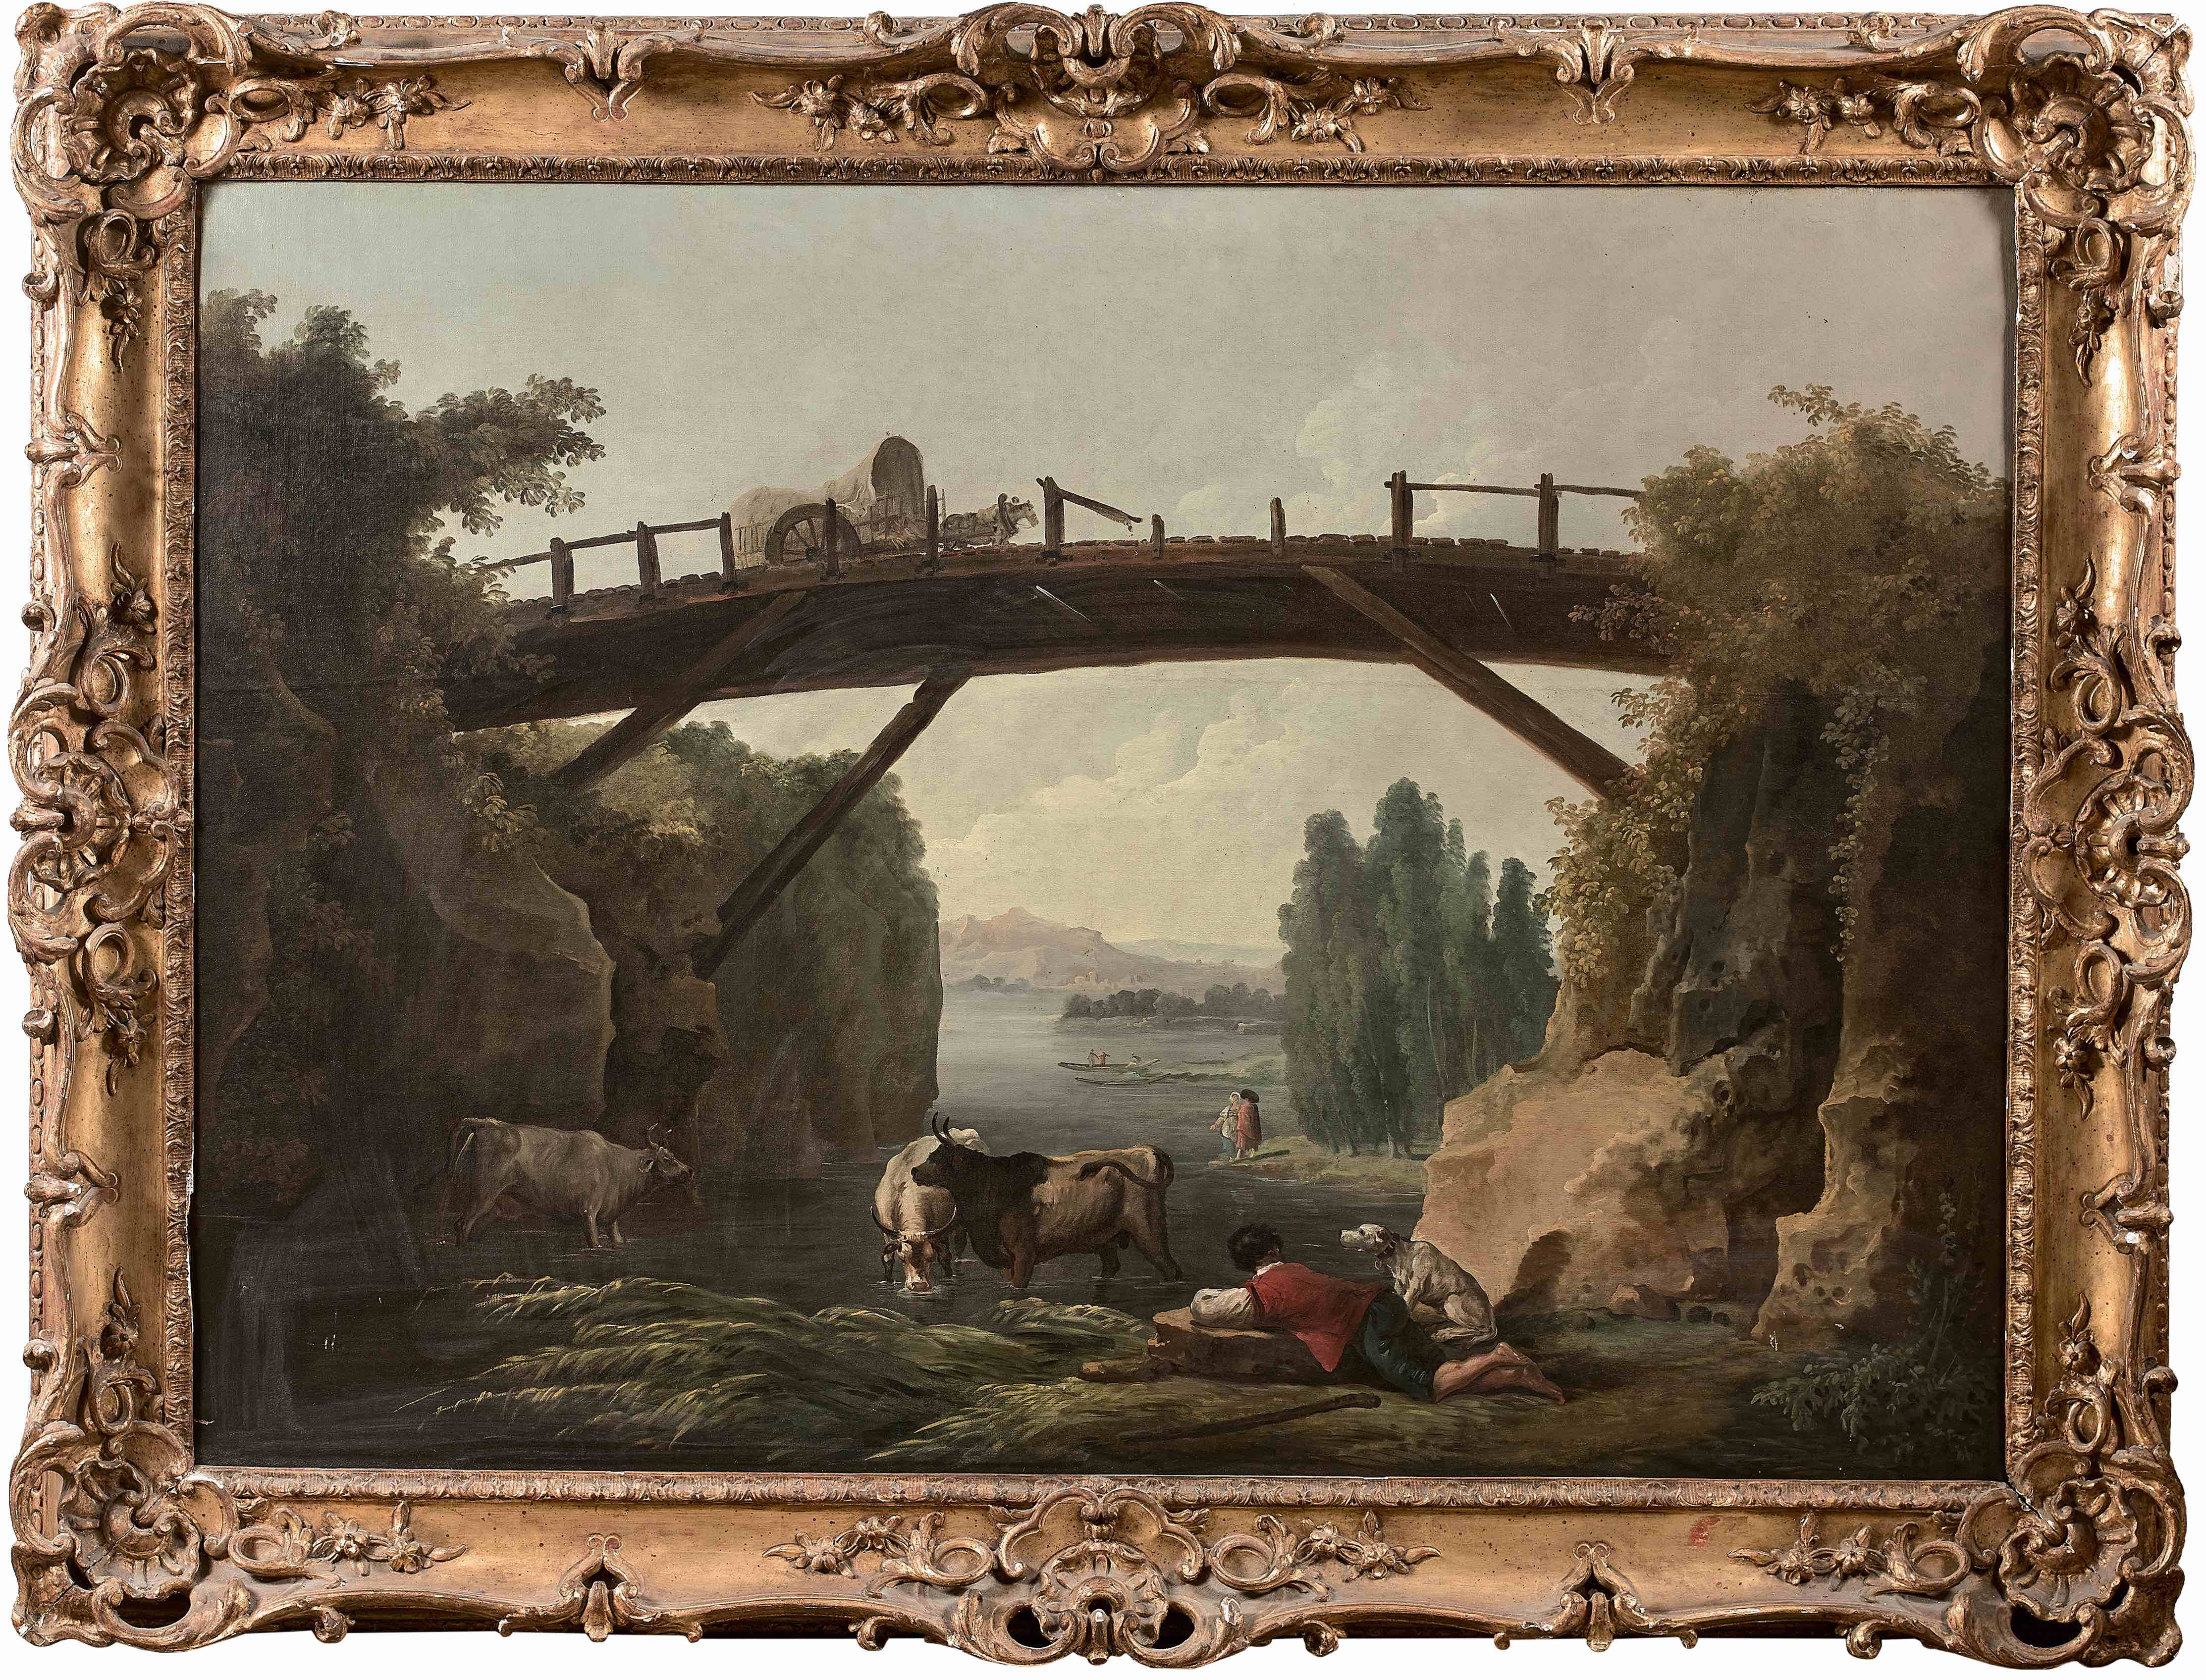 Hubert Robert, Le pont de bois, toile, 96 x 137 cm